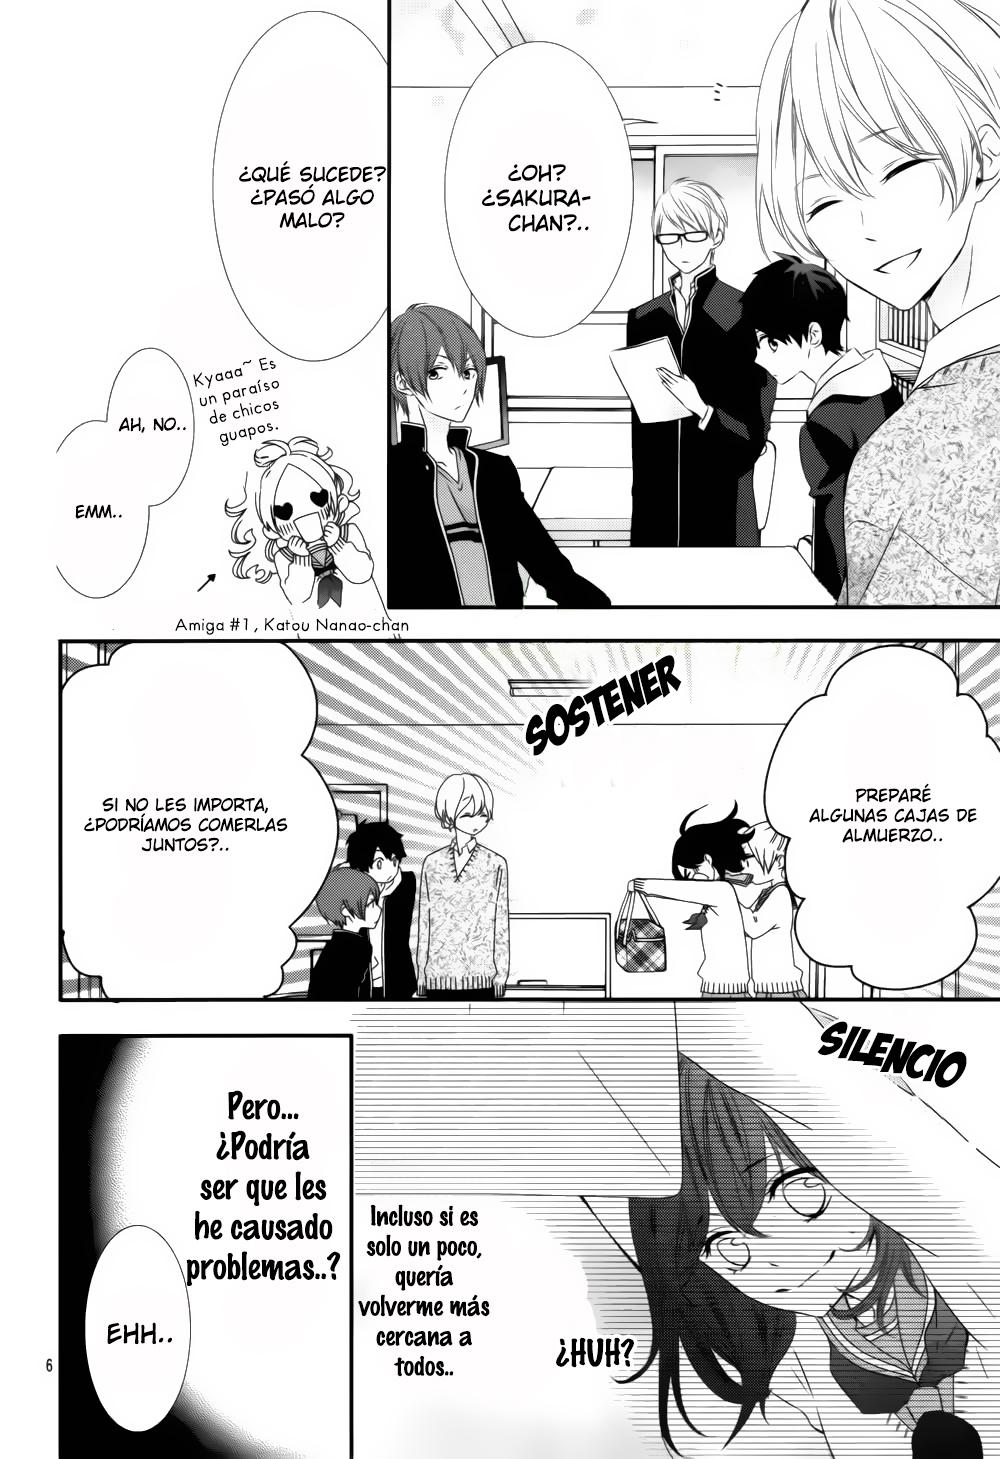 http://c5.ninemanga.com/es_manga/27/14875/363596/1cfd0b9e6b08bbec73239a657c147aeb.jpg Page 8